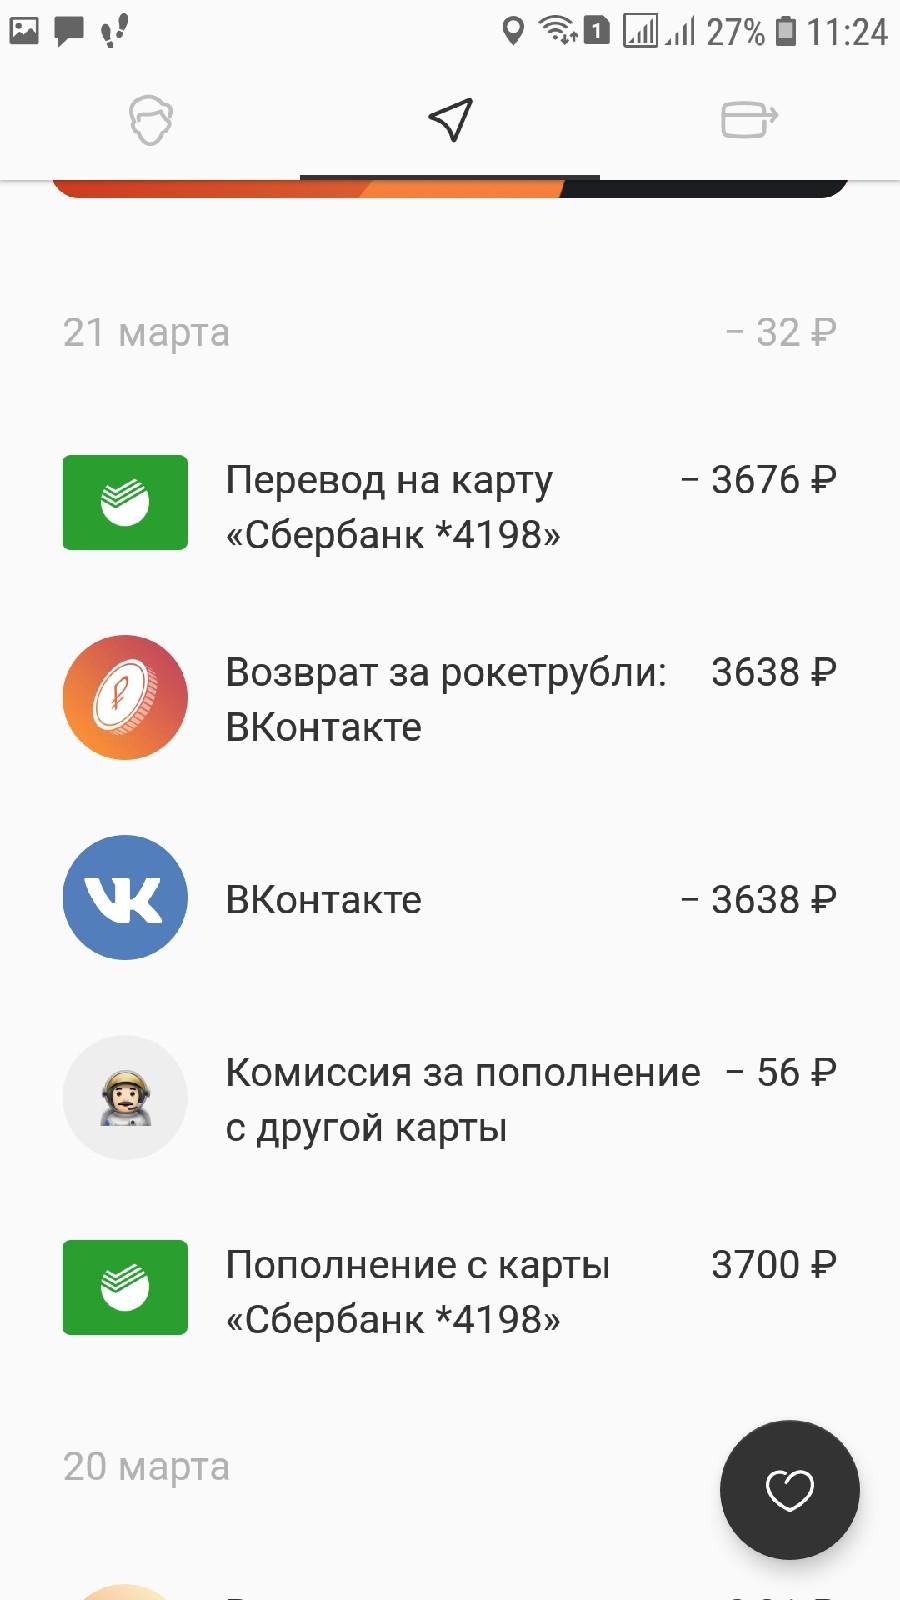 Новое приложение Рокетбанк ИКС для Android